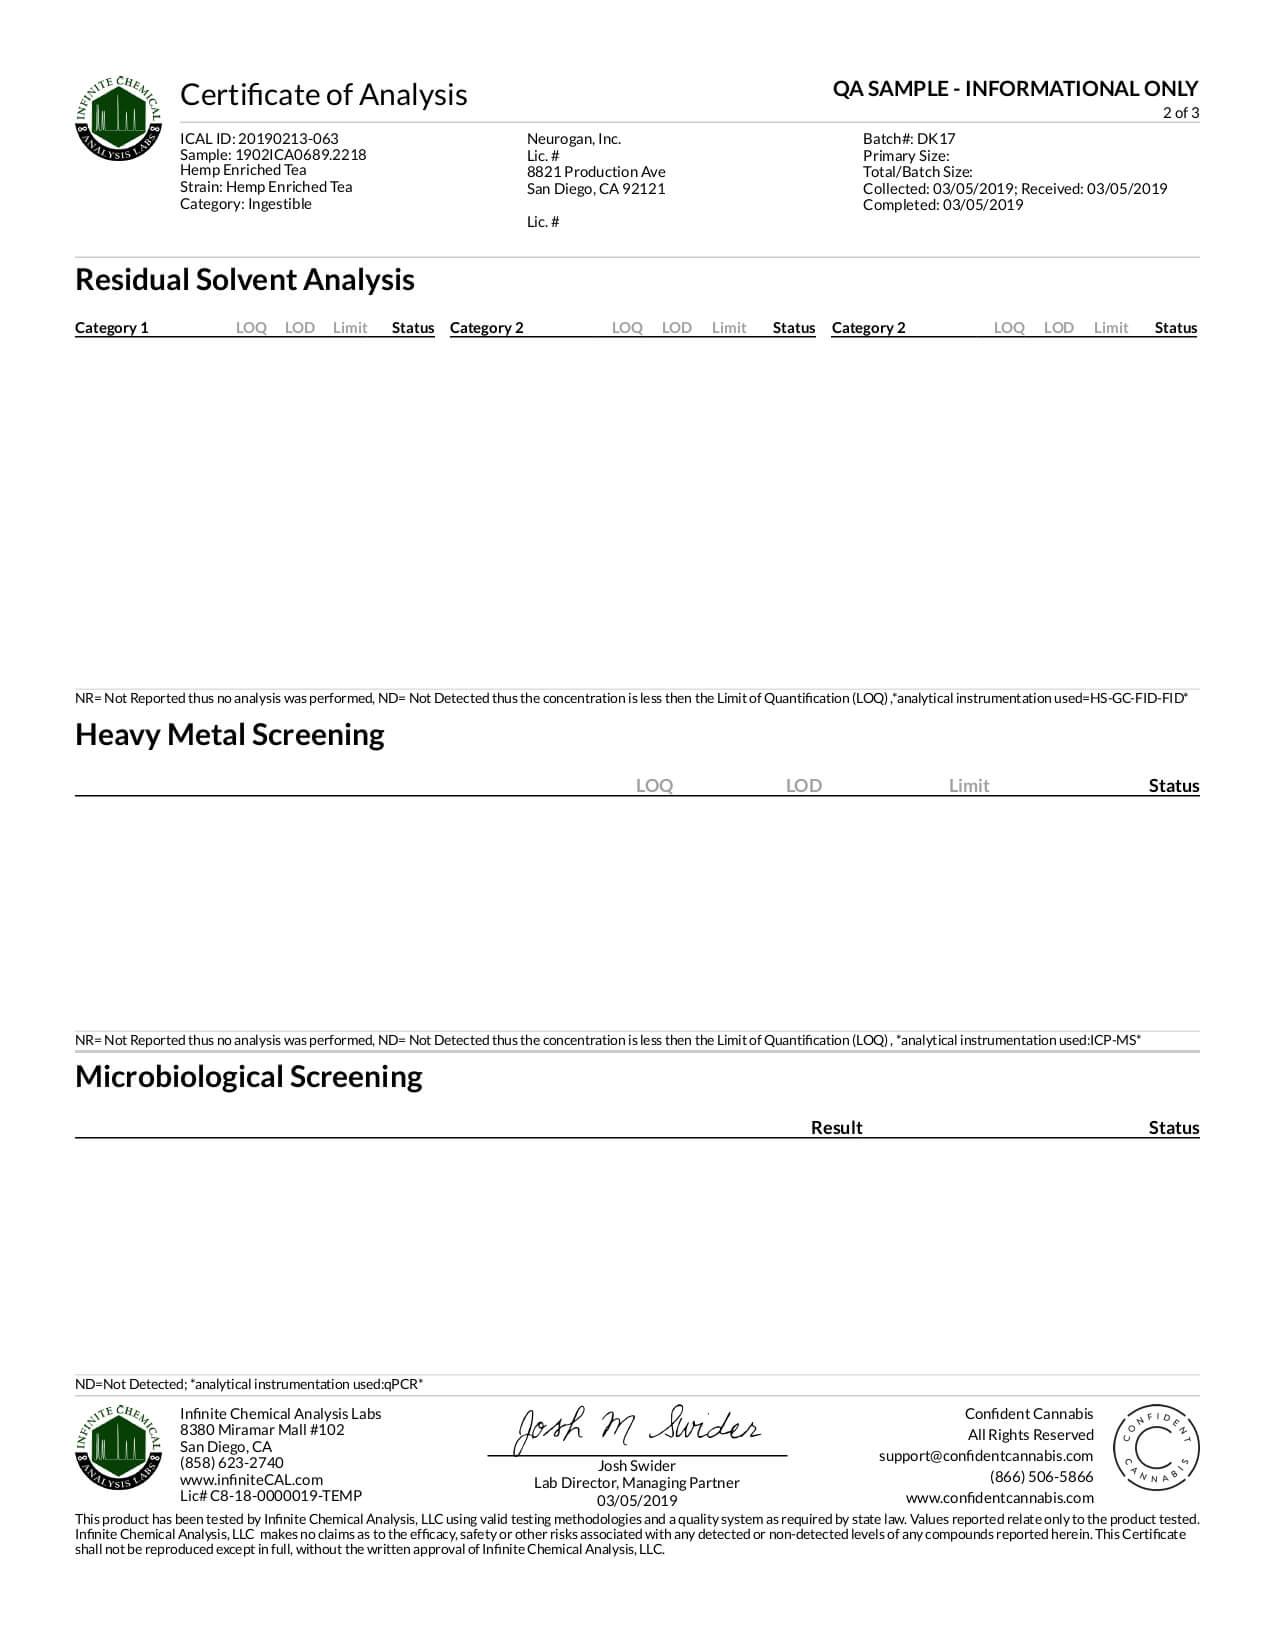 Neurogan, Inc. CBD Tea Lab Report